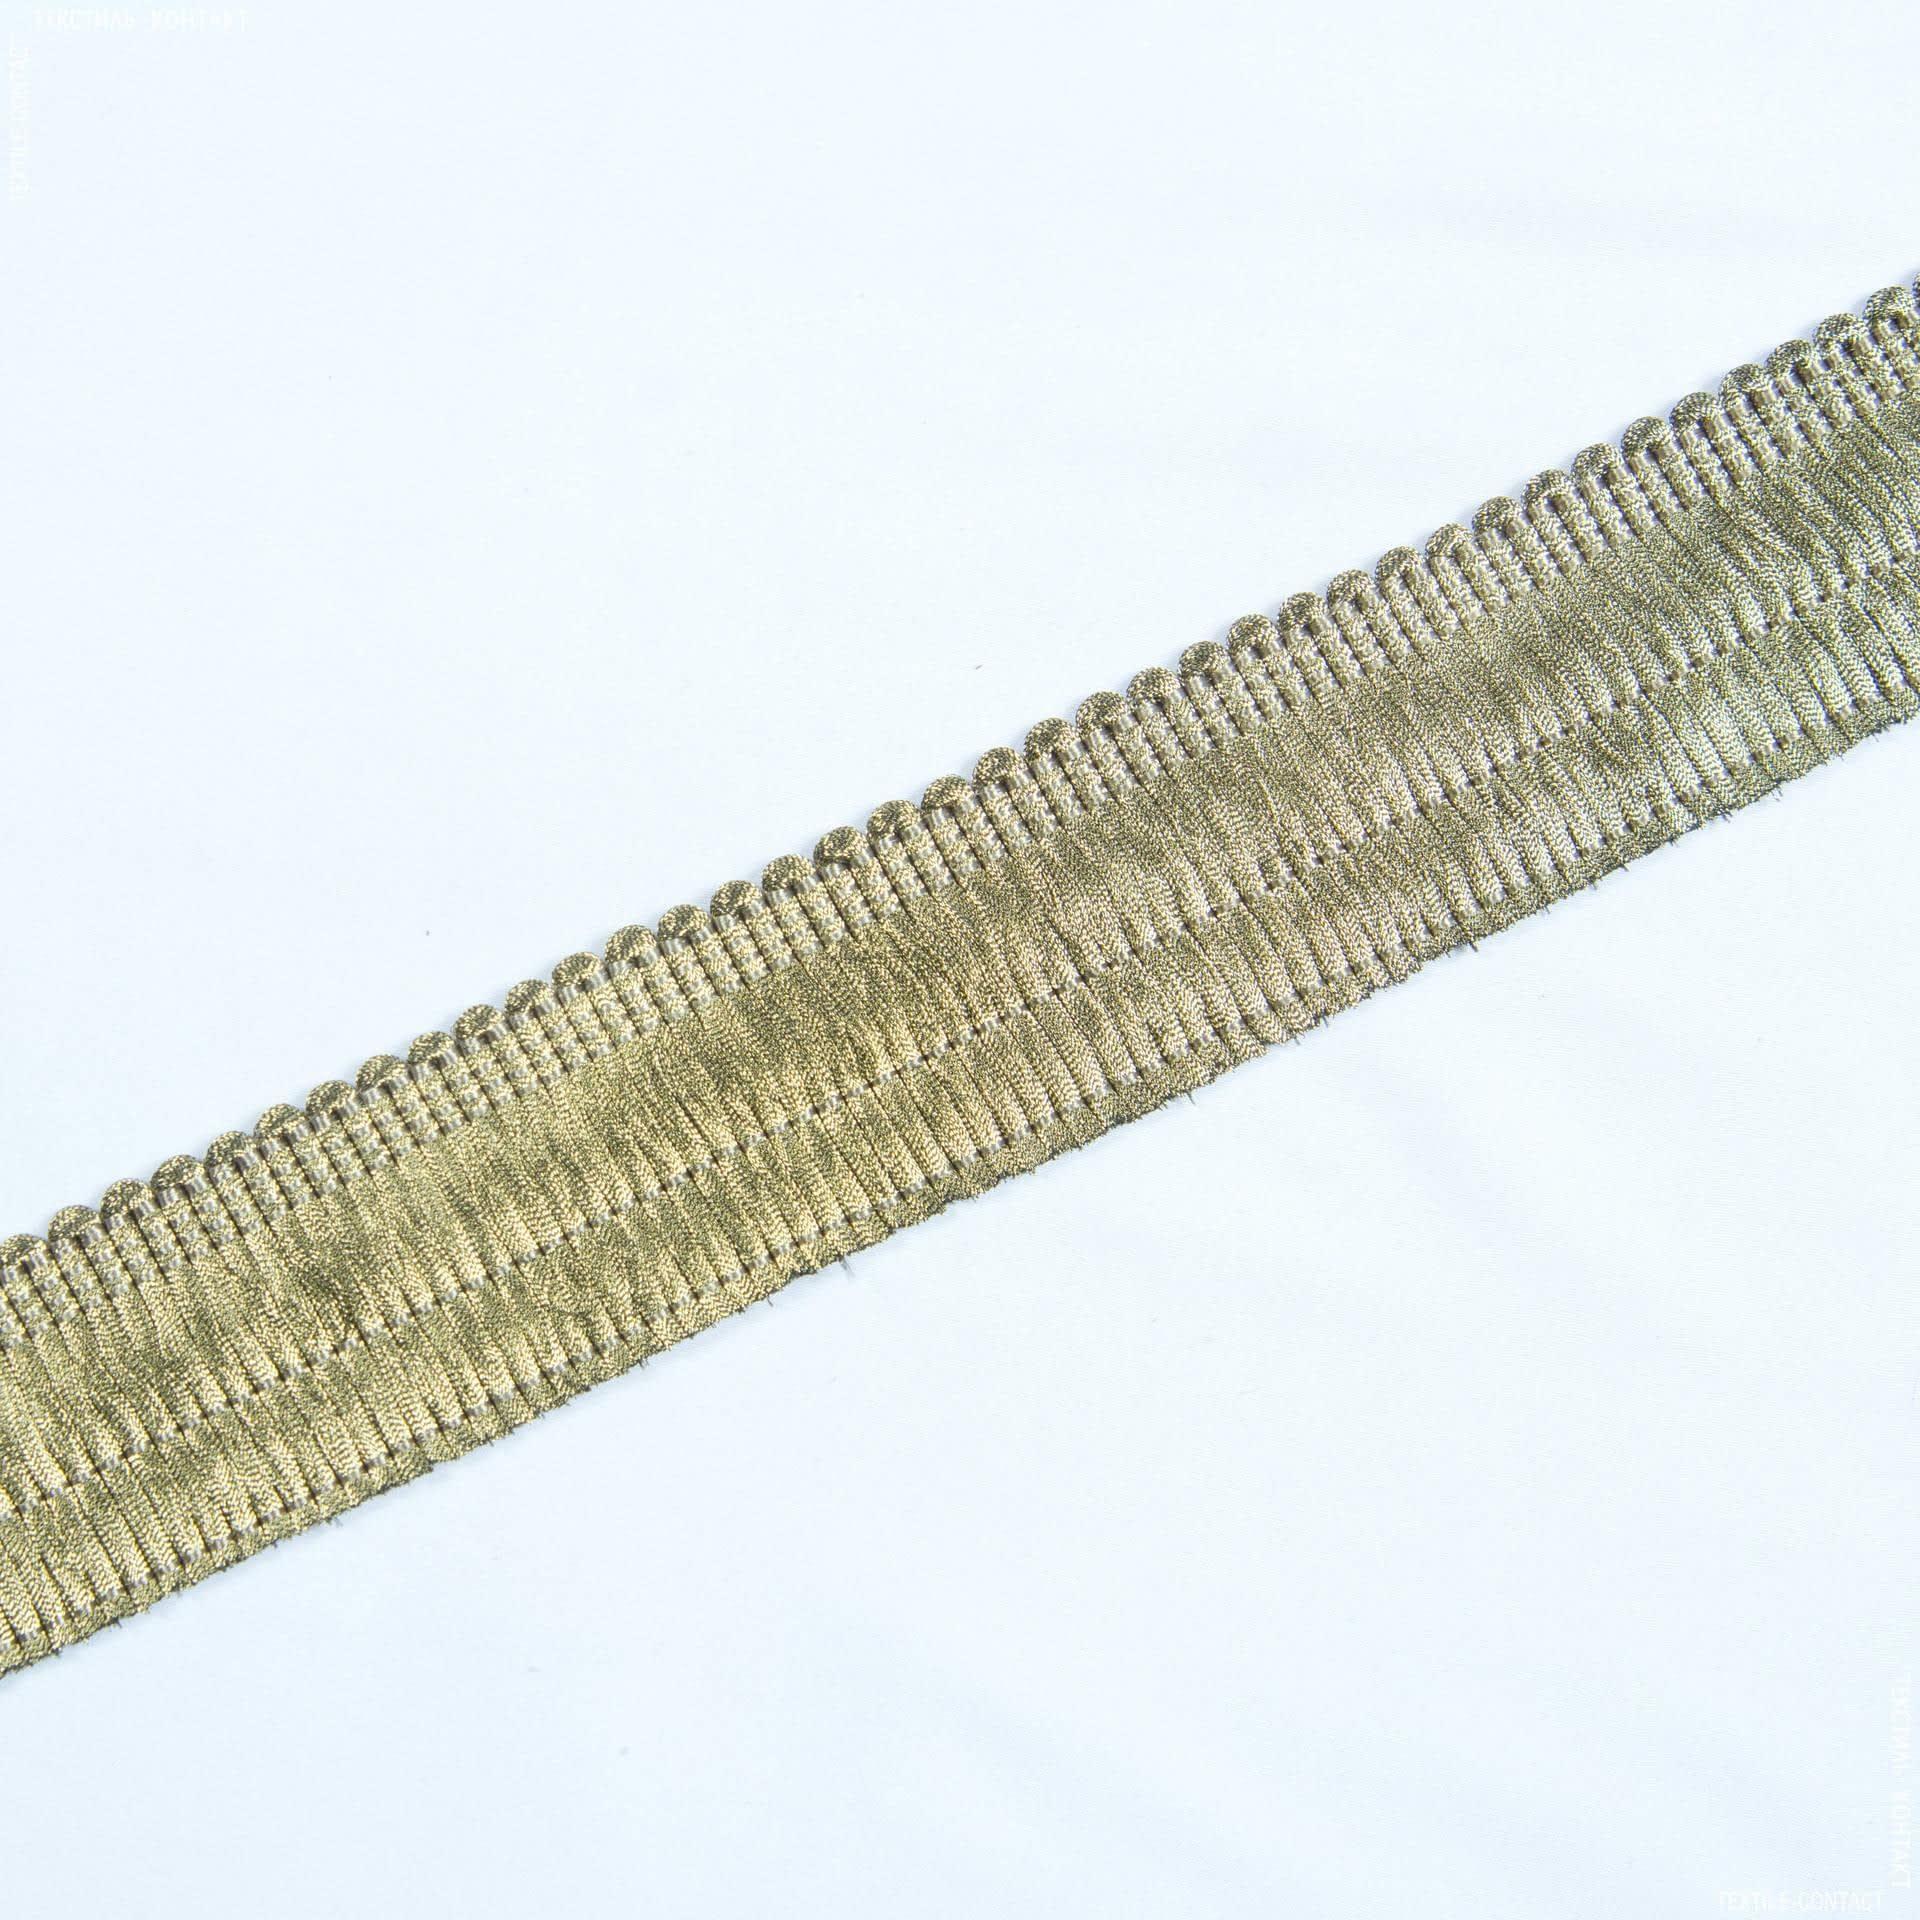 Ткани фурнитура для декора - Бахрома gold бронза